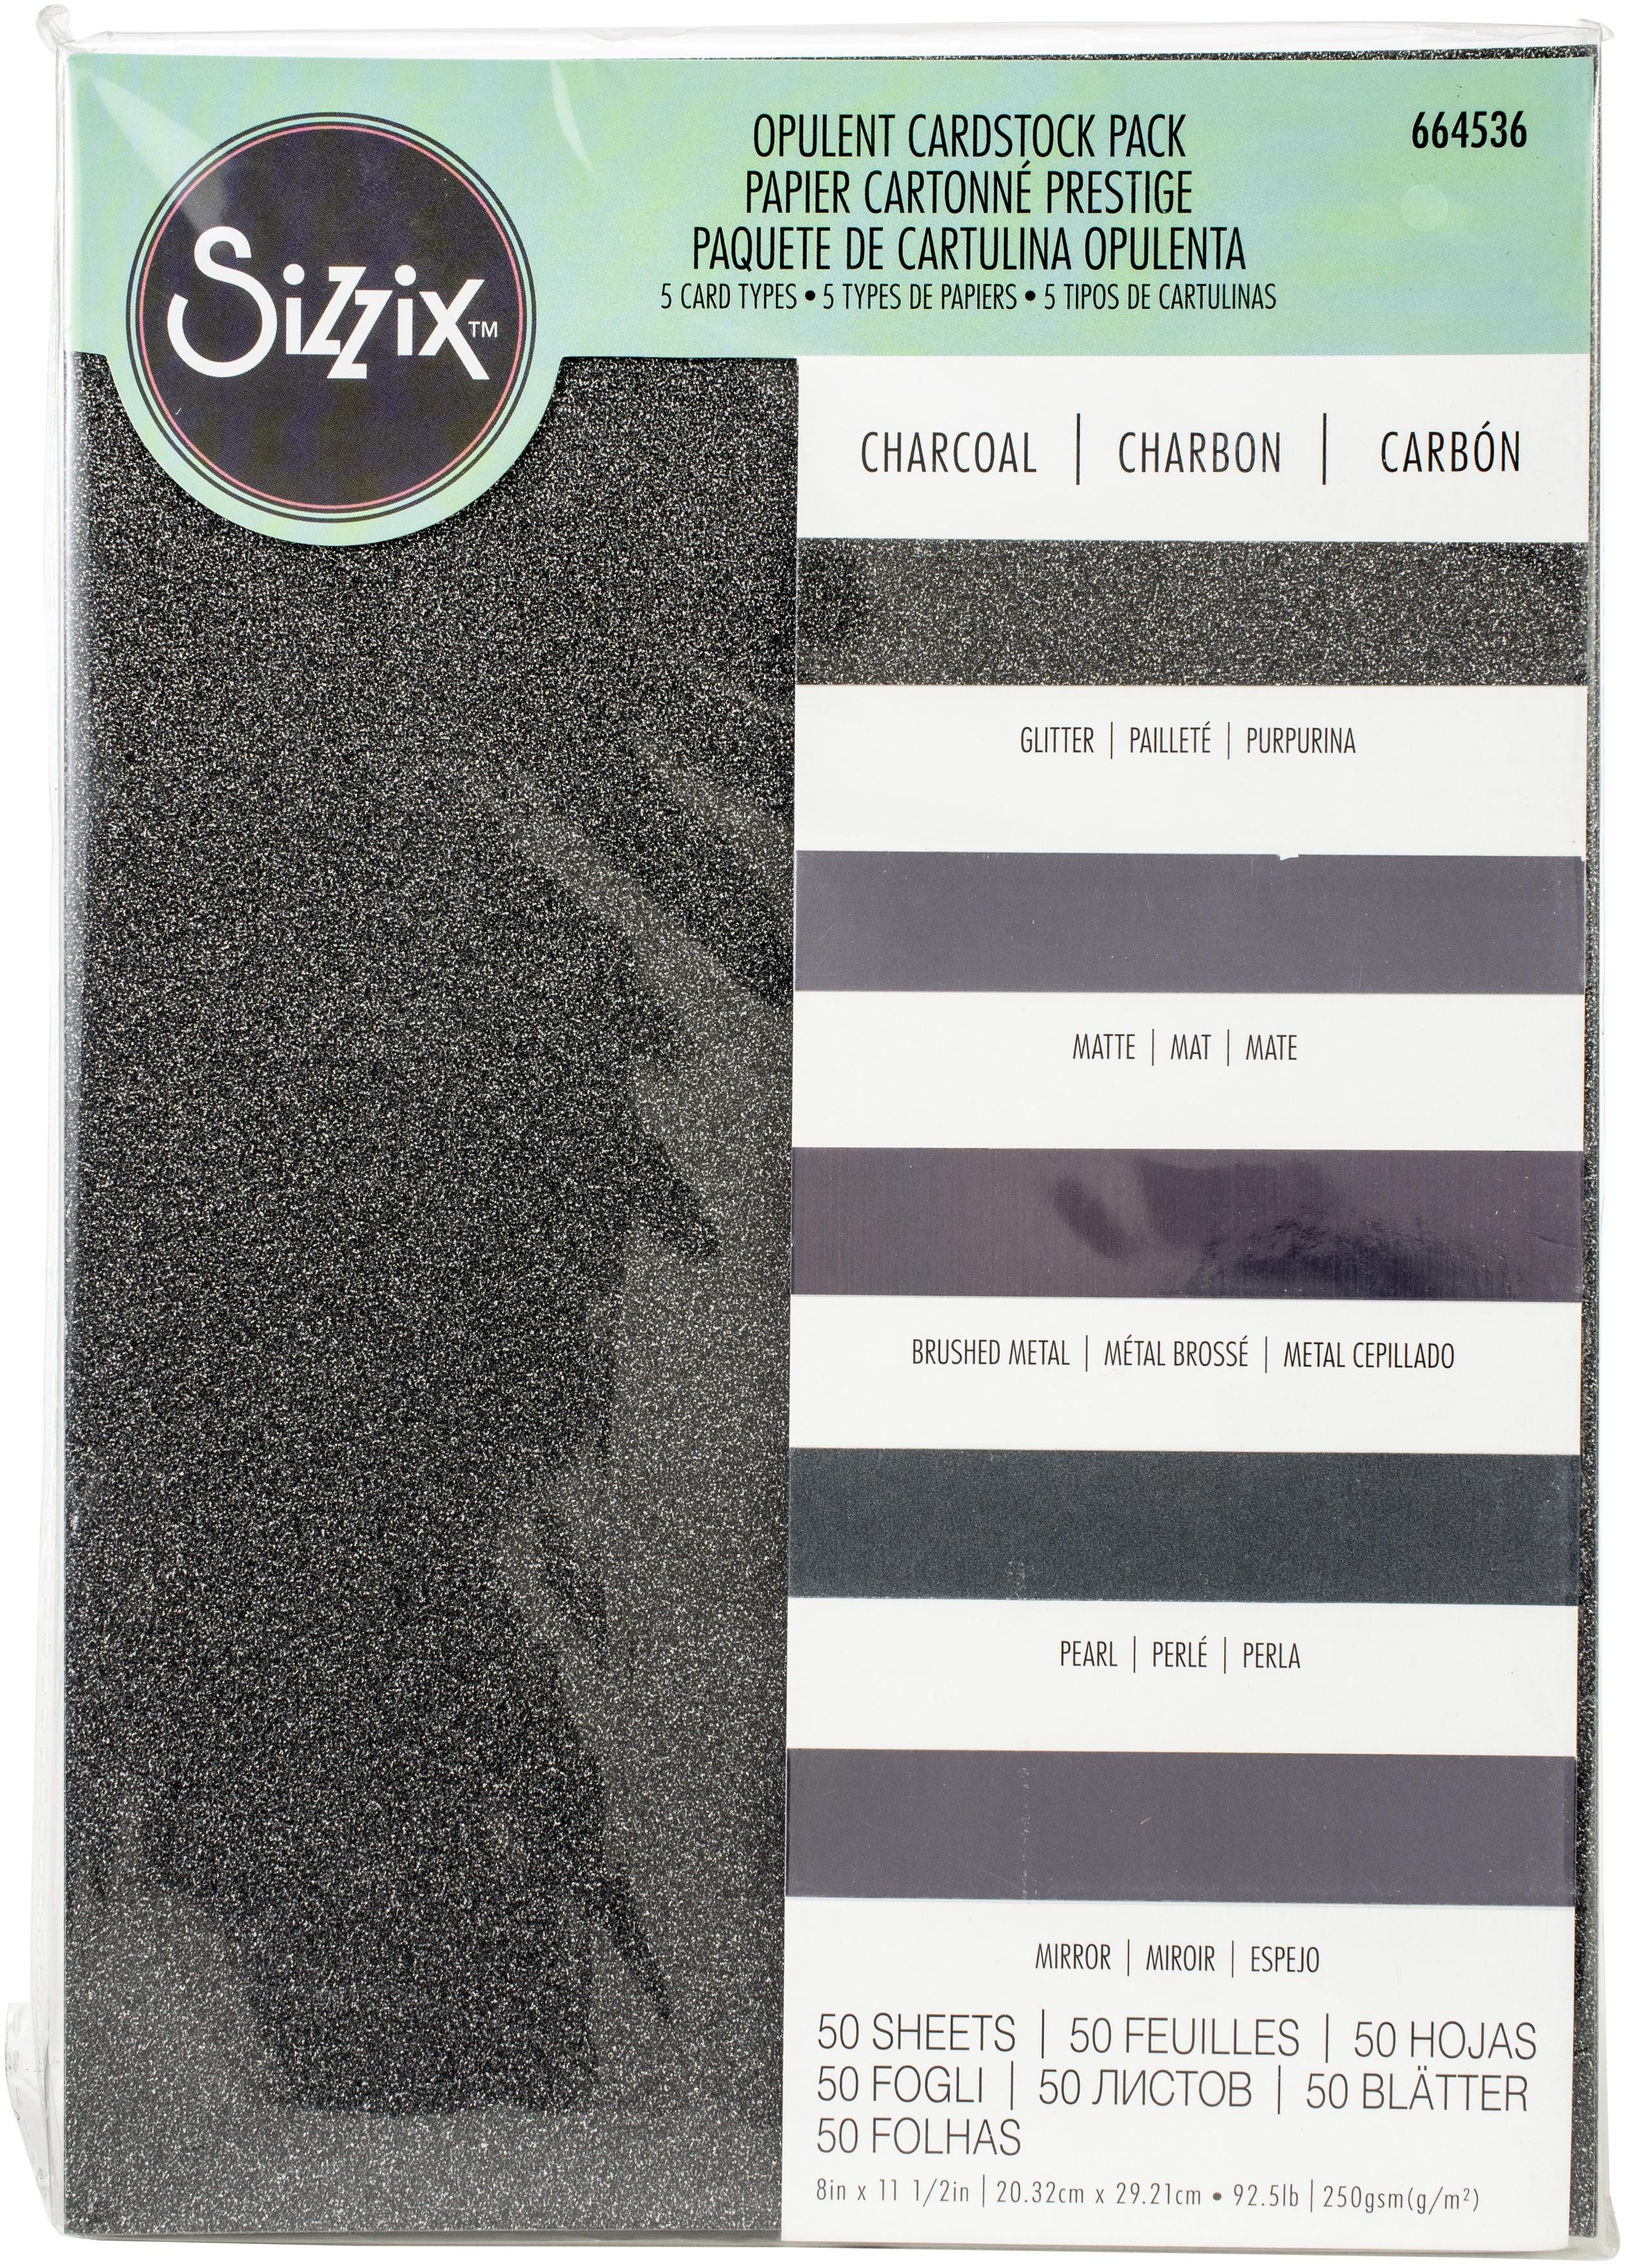 Sizzix Surfacez Opulent Cardstock Pack 8X11.5 50/Pkg-Charcoal